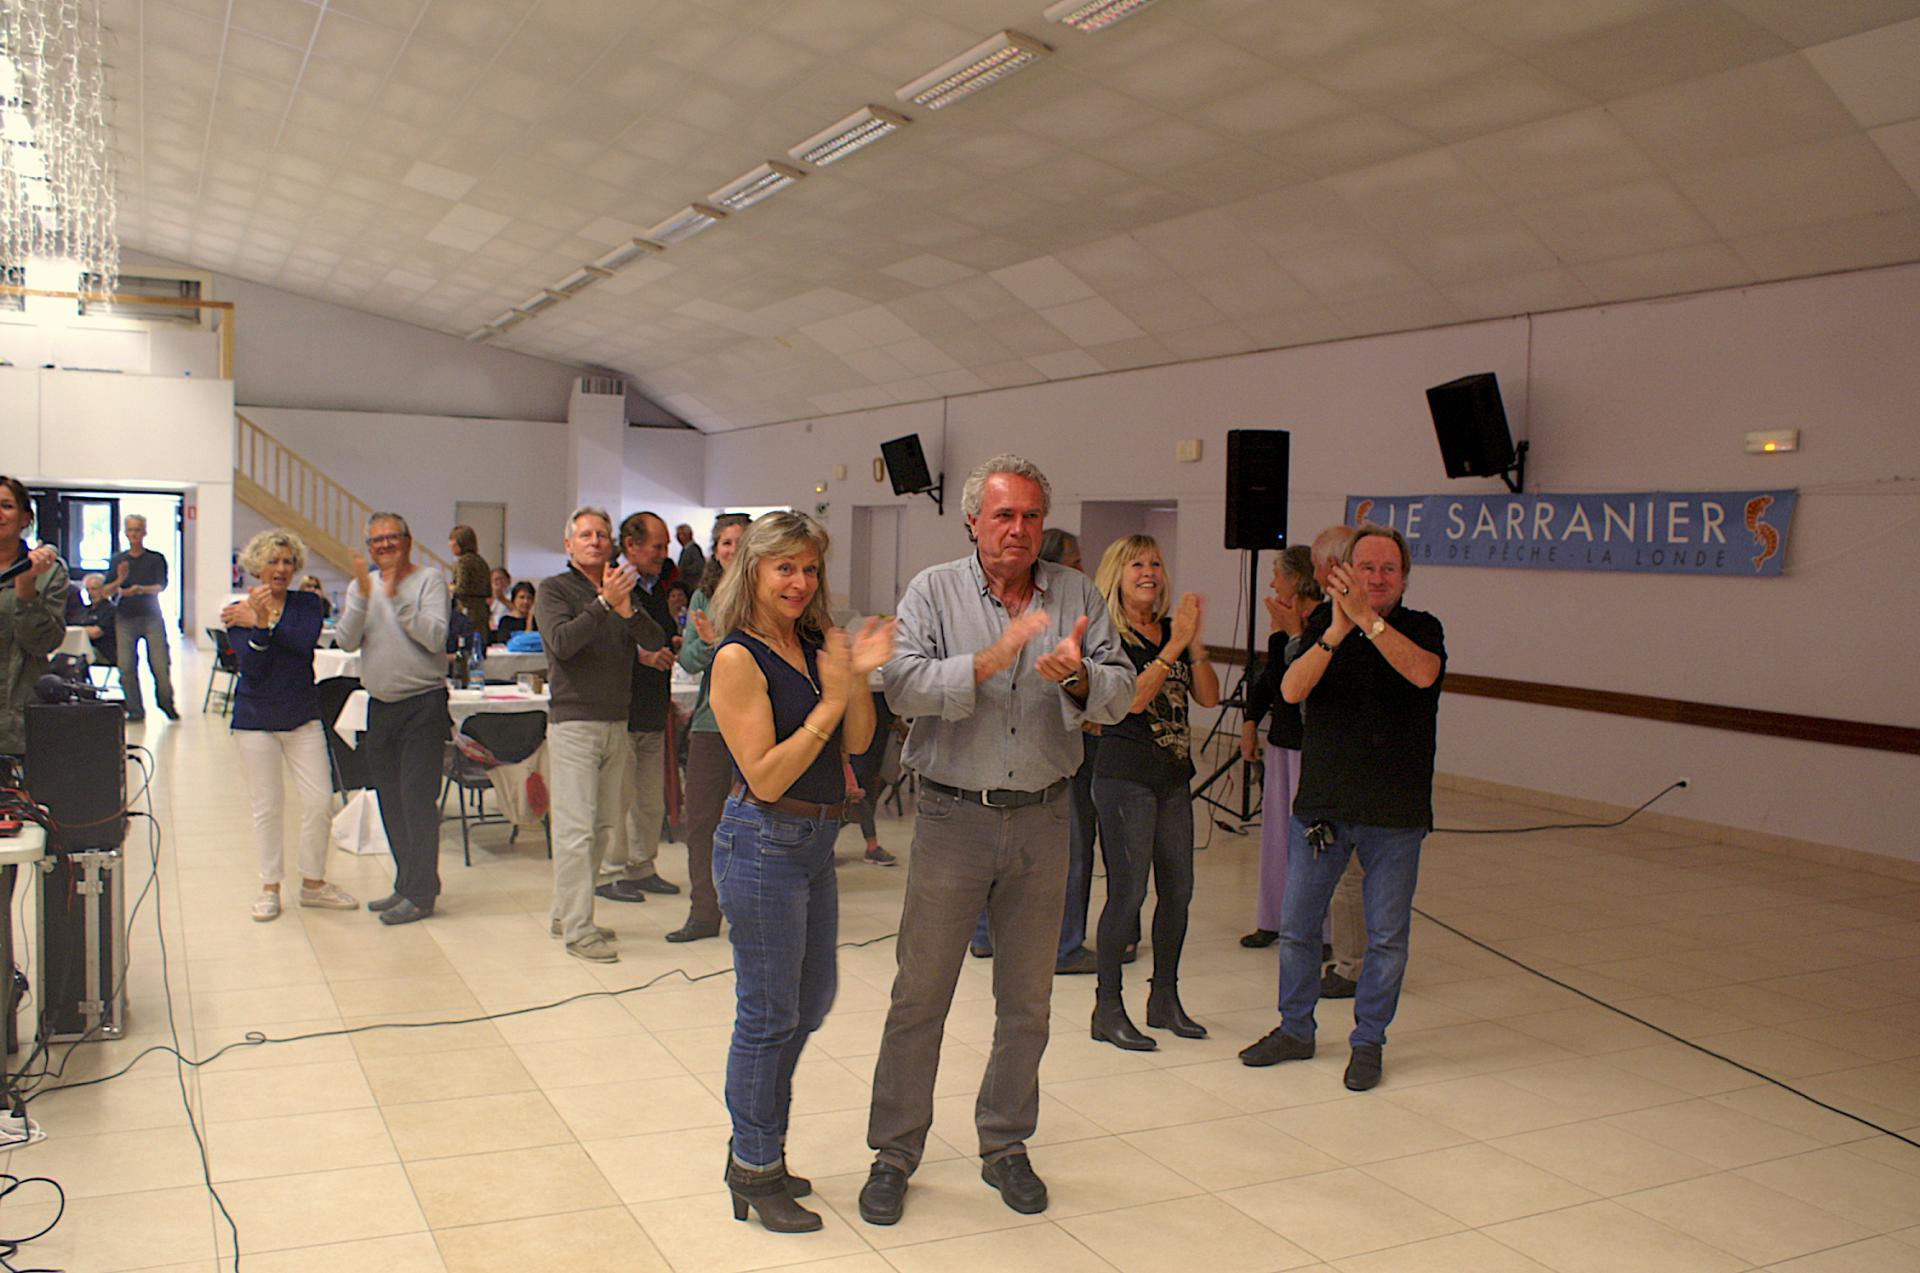 Les danseurs apprécient la musique